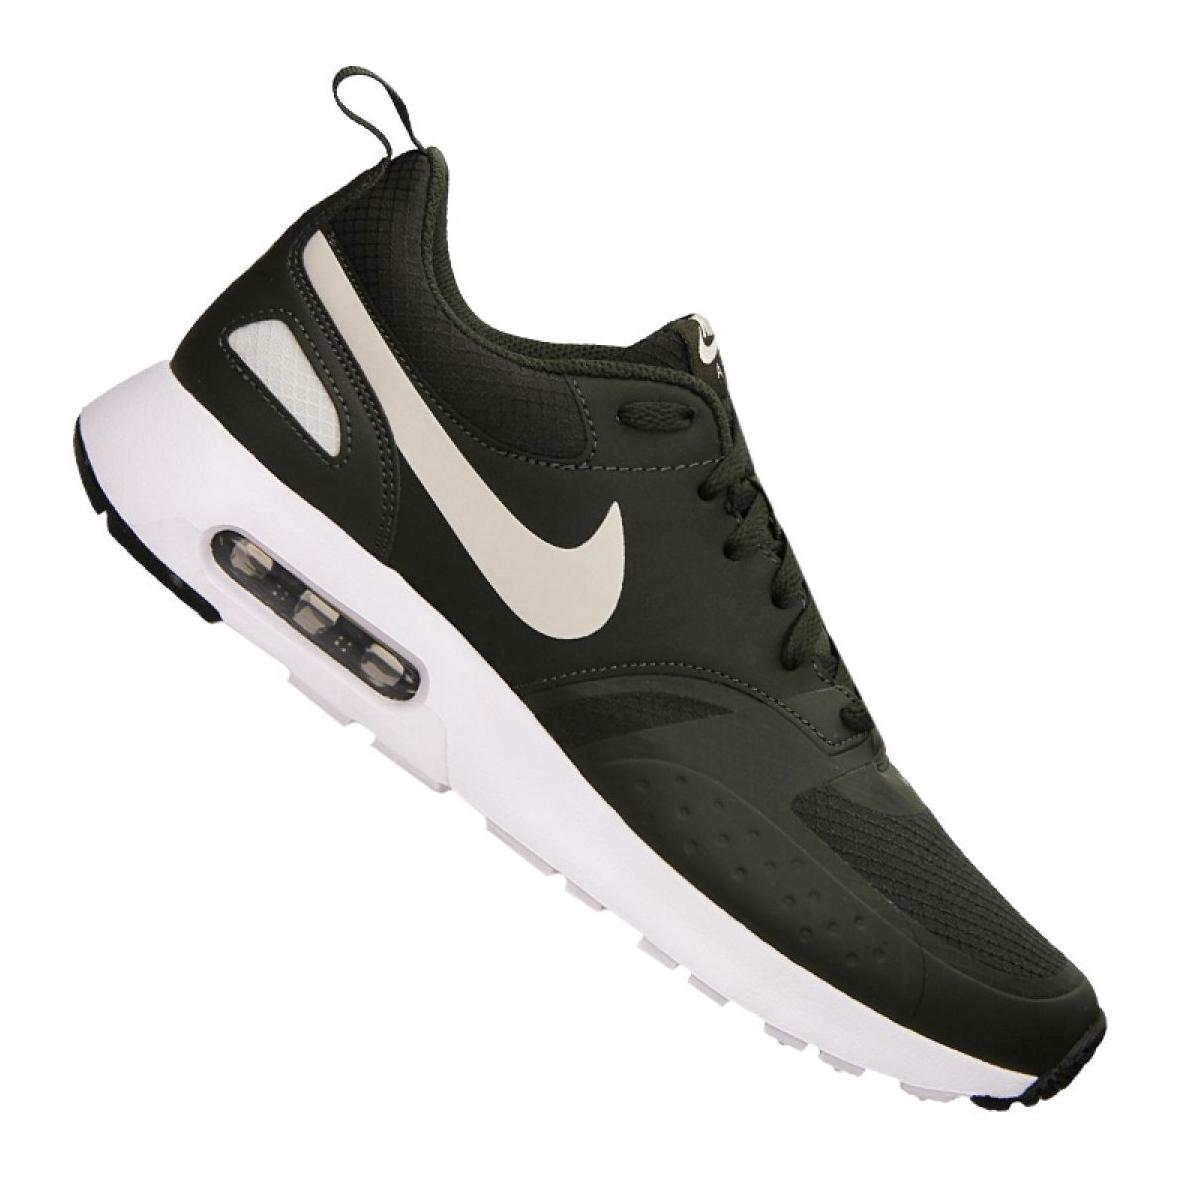 Herrenschuhe Nike Sneaker grün Air Max Vision 918231 300